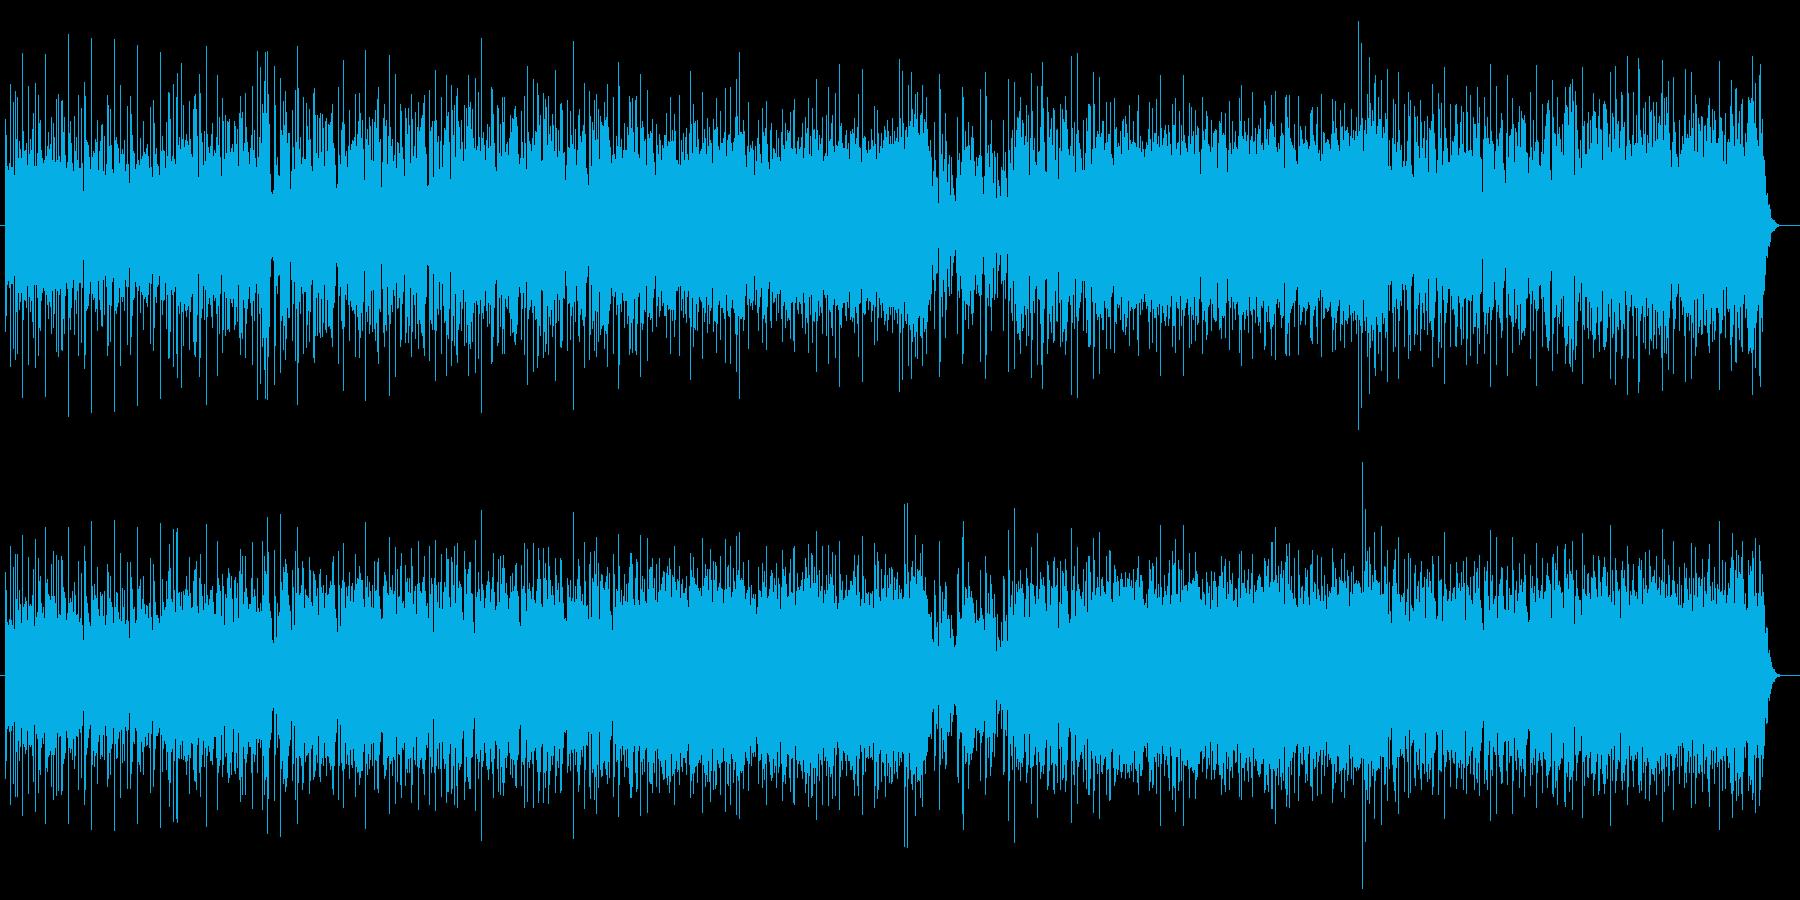 陽気な雰囲気のギターシンセの再生済みの波形